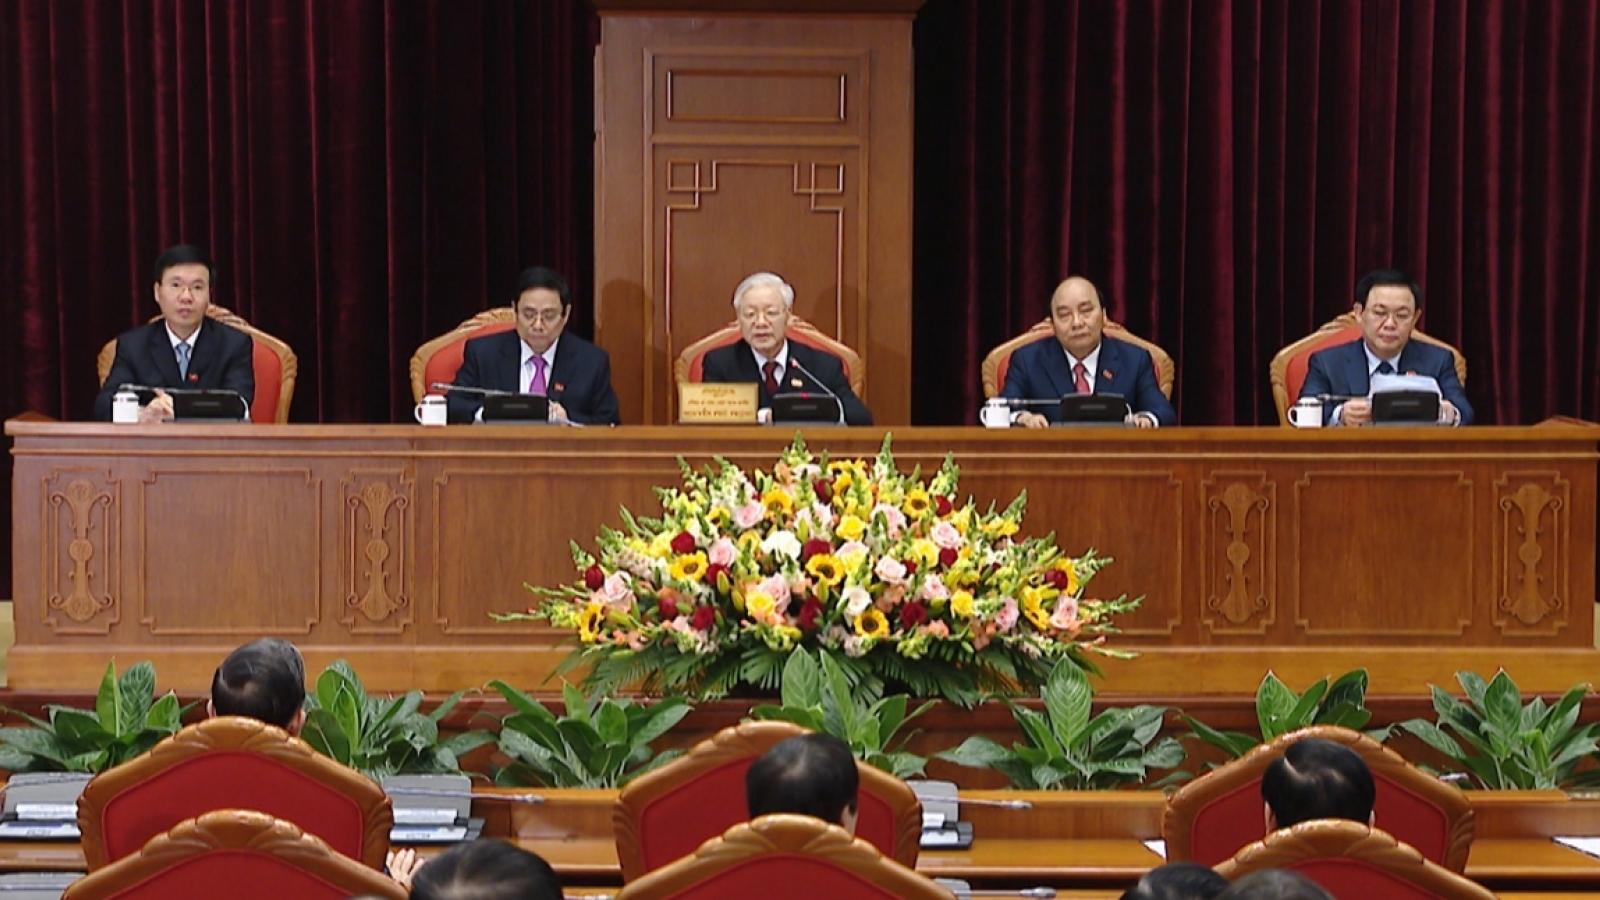 13th-tenure Politburo of 18 members elected